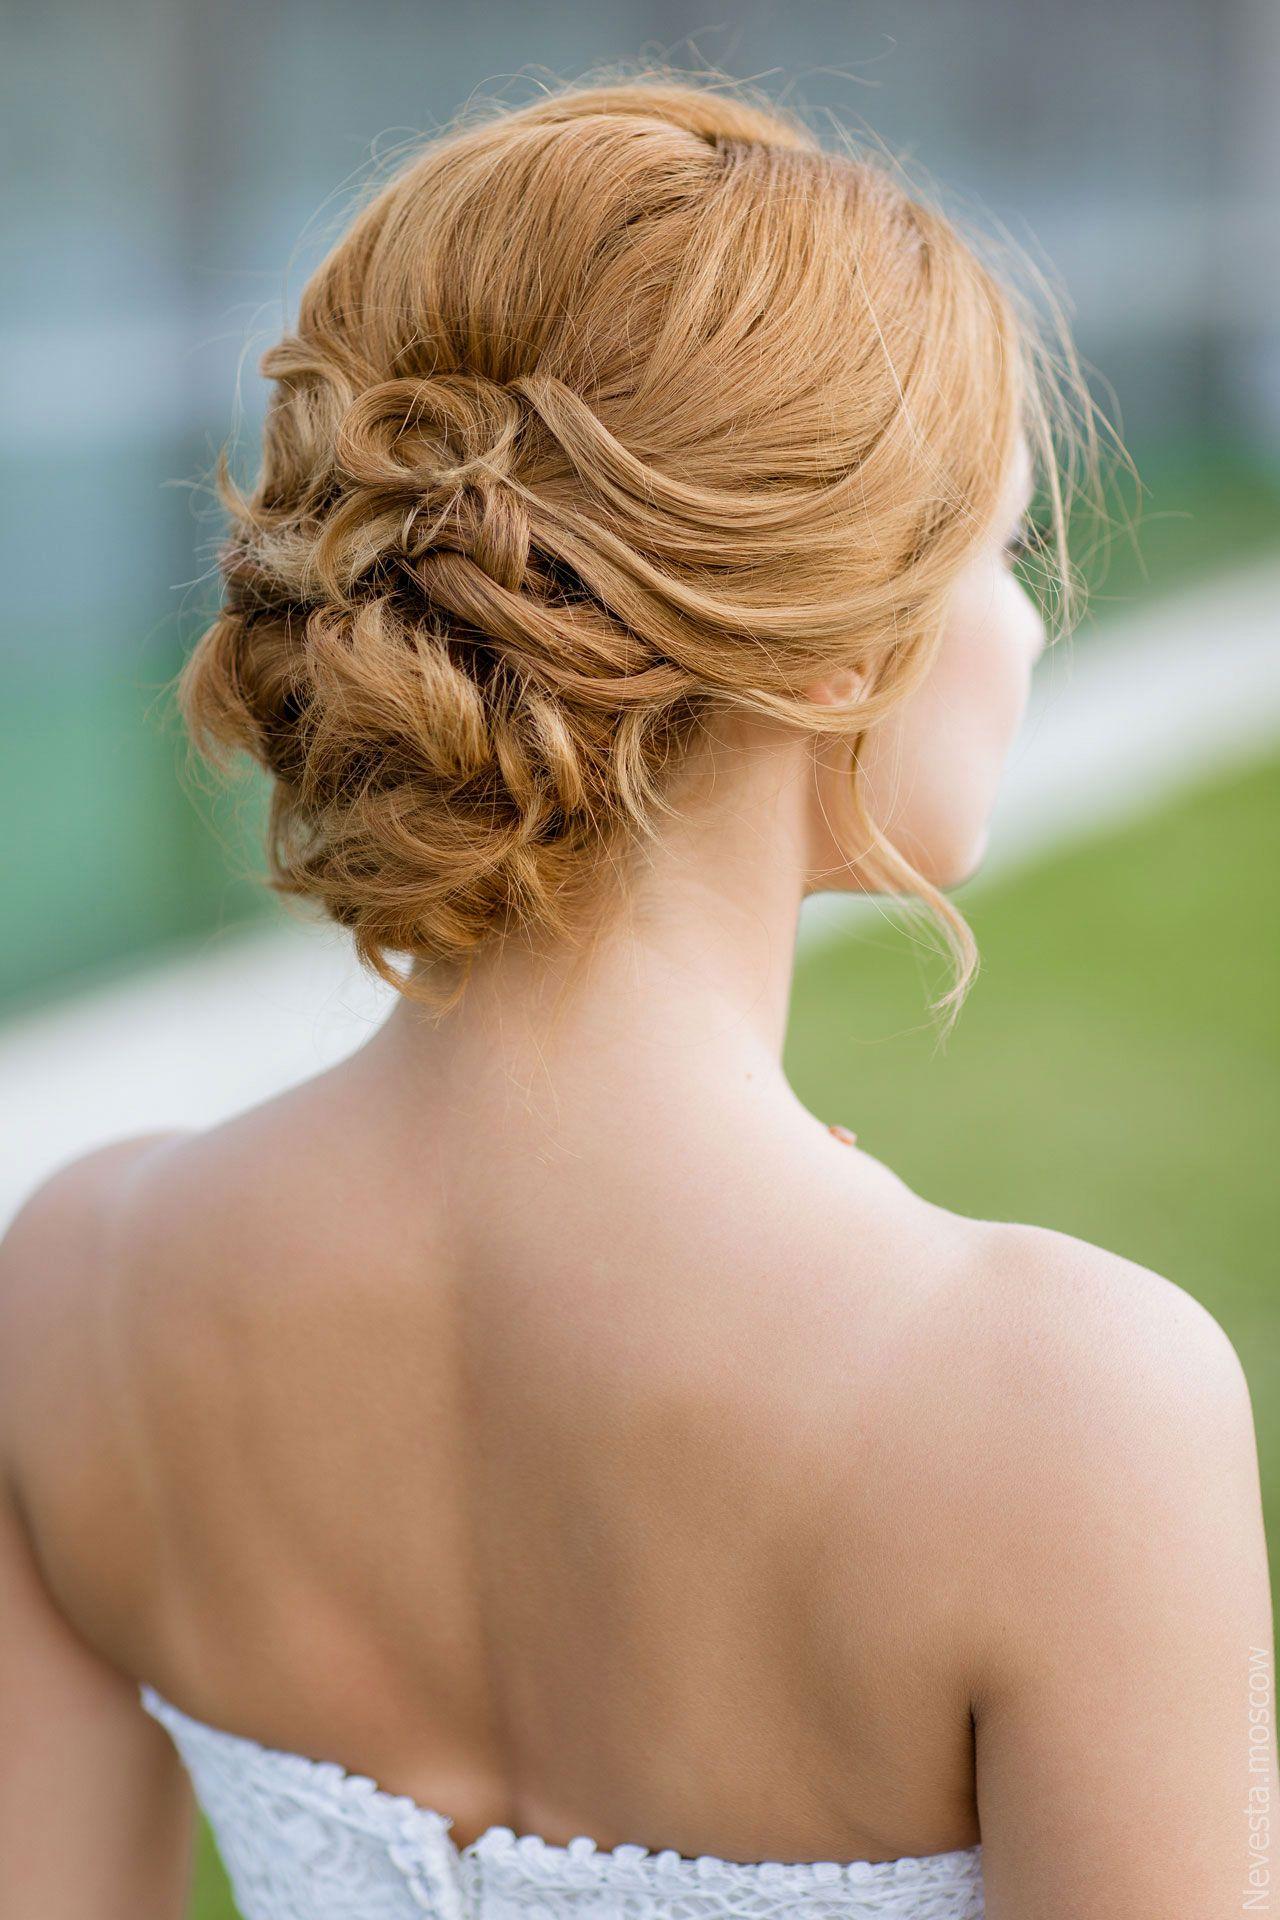 макияж невесты, стилист Елизавета Романова